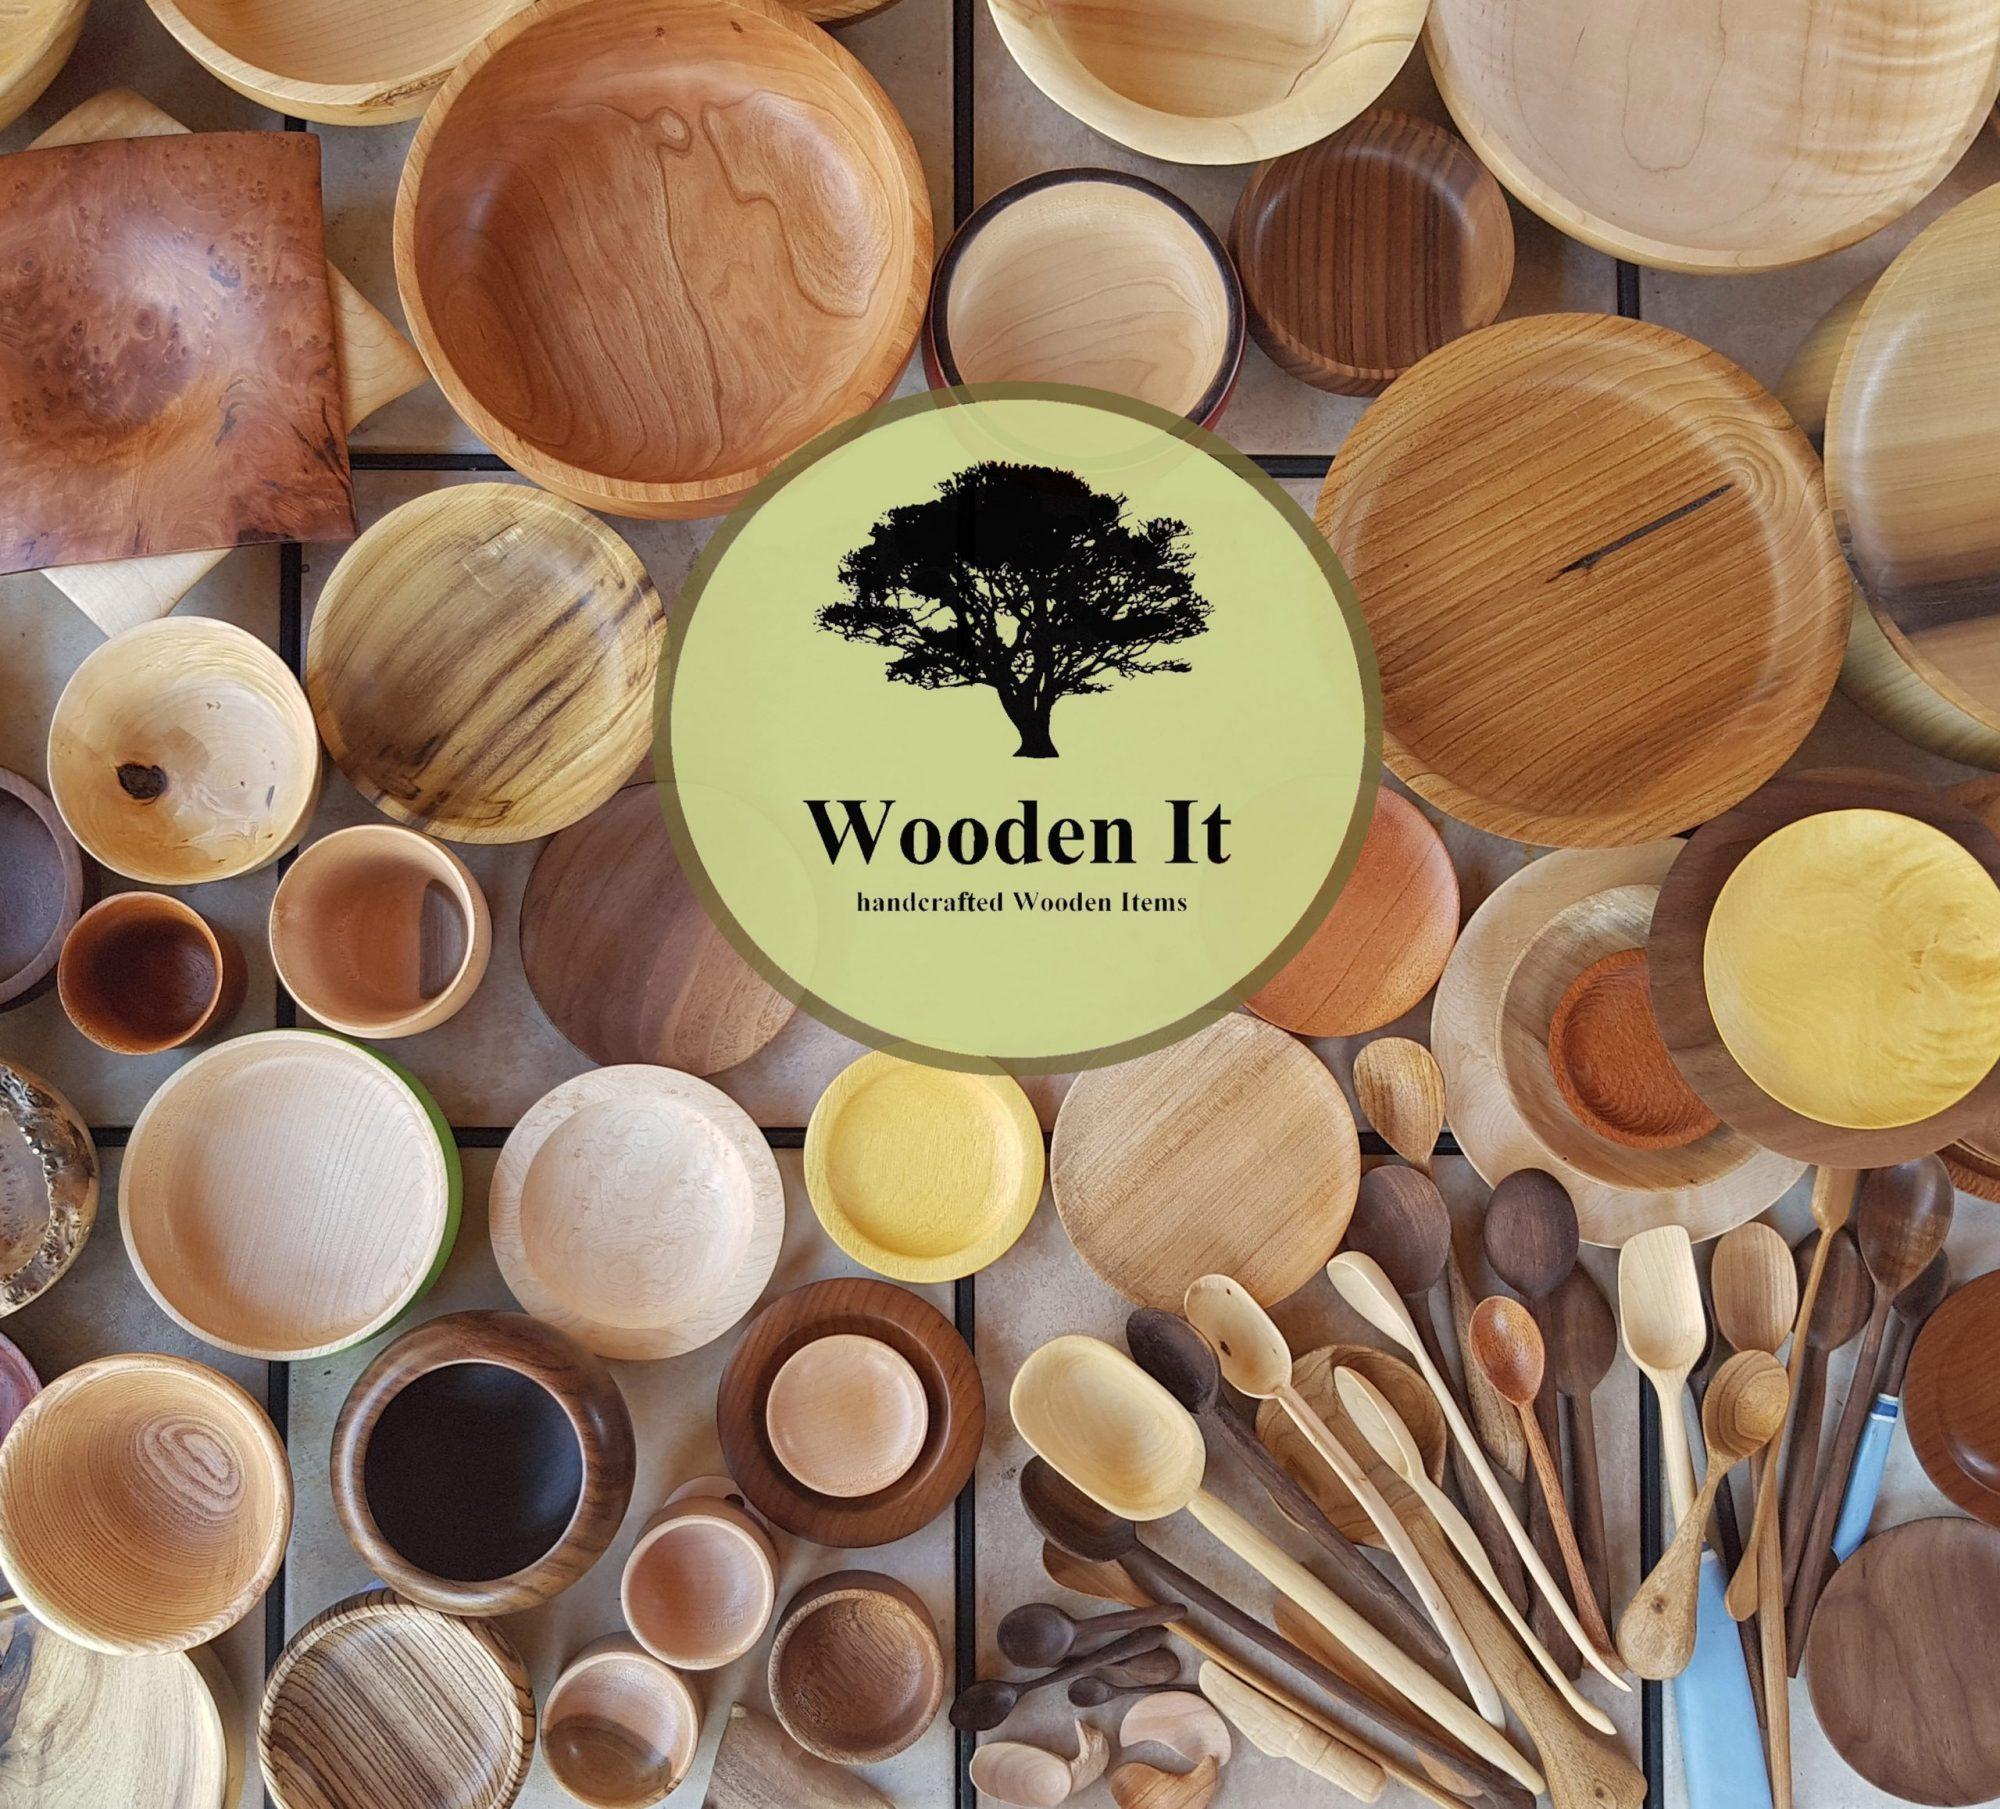 Wooden It